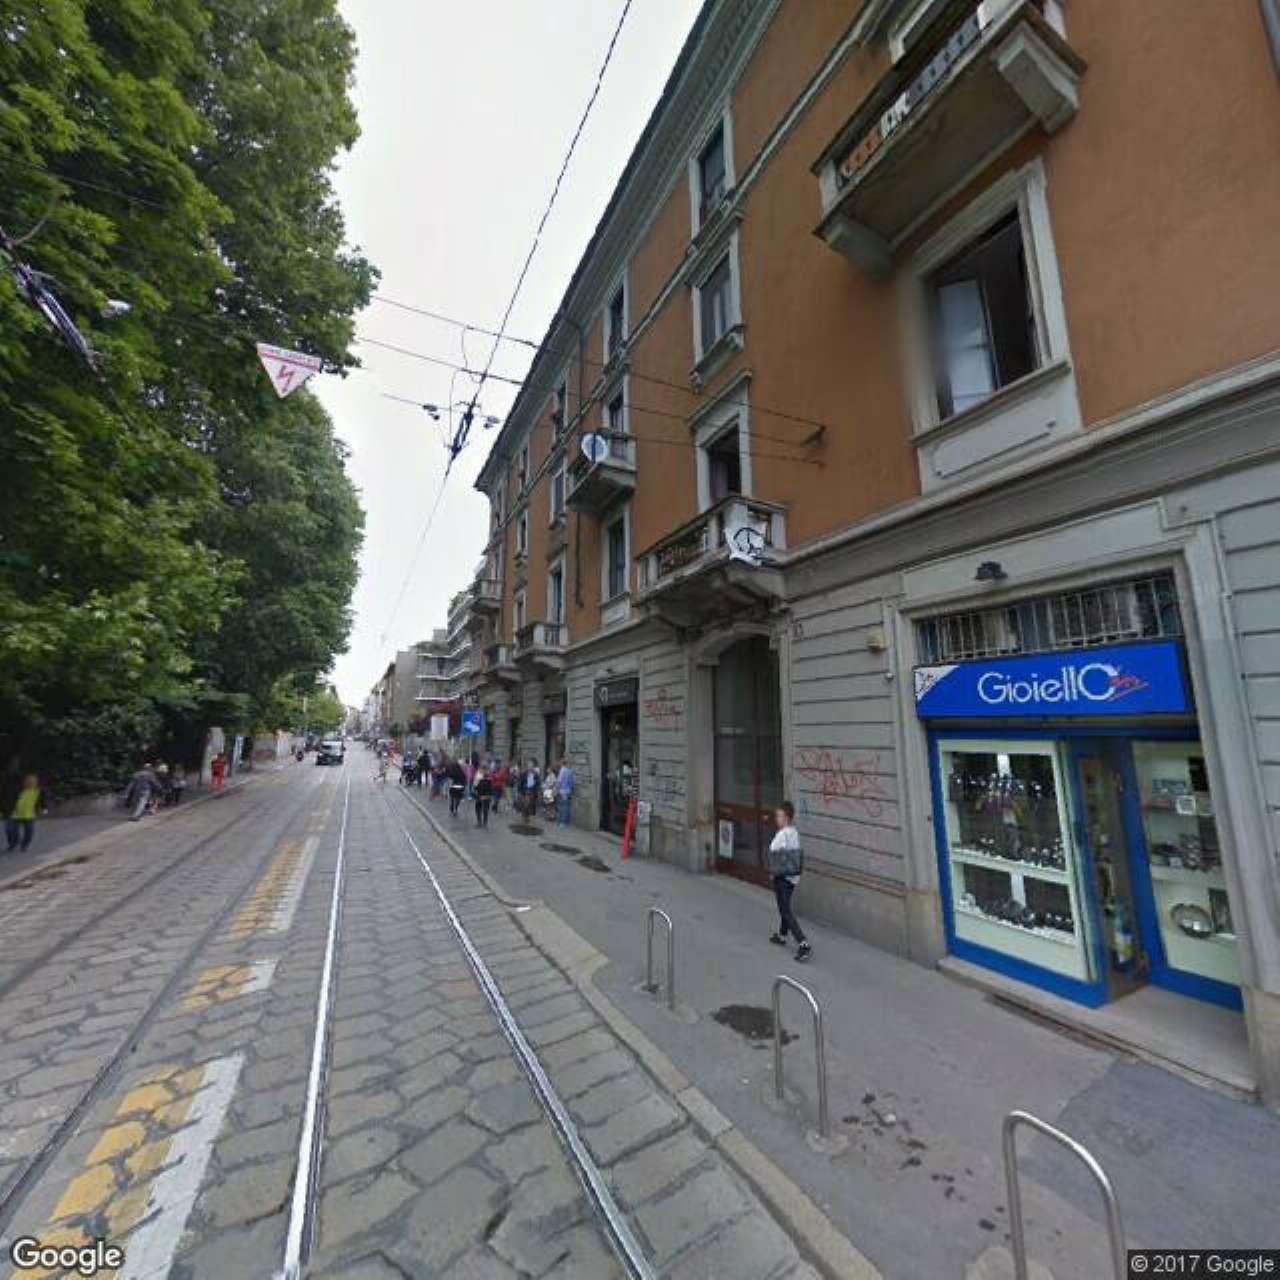 Appartamento in Vendita a Milano 06 Italia / Porta Romana / Bocconi / Lodi:  5 locali, 260 mq  - Foto 1